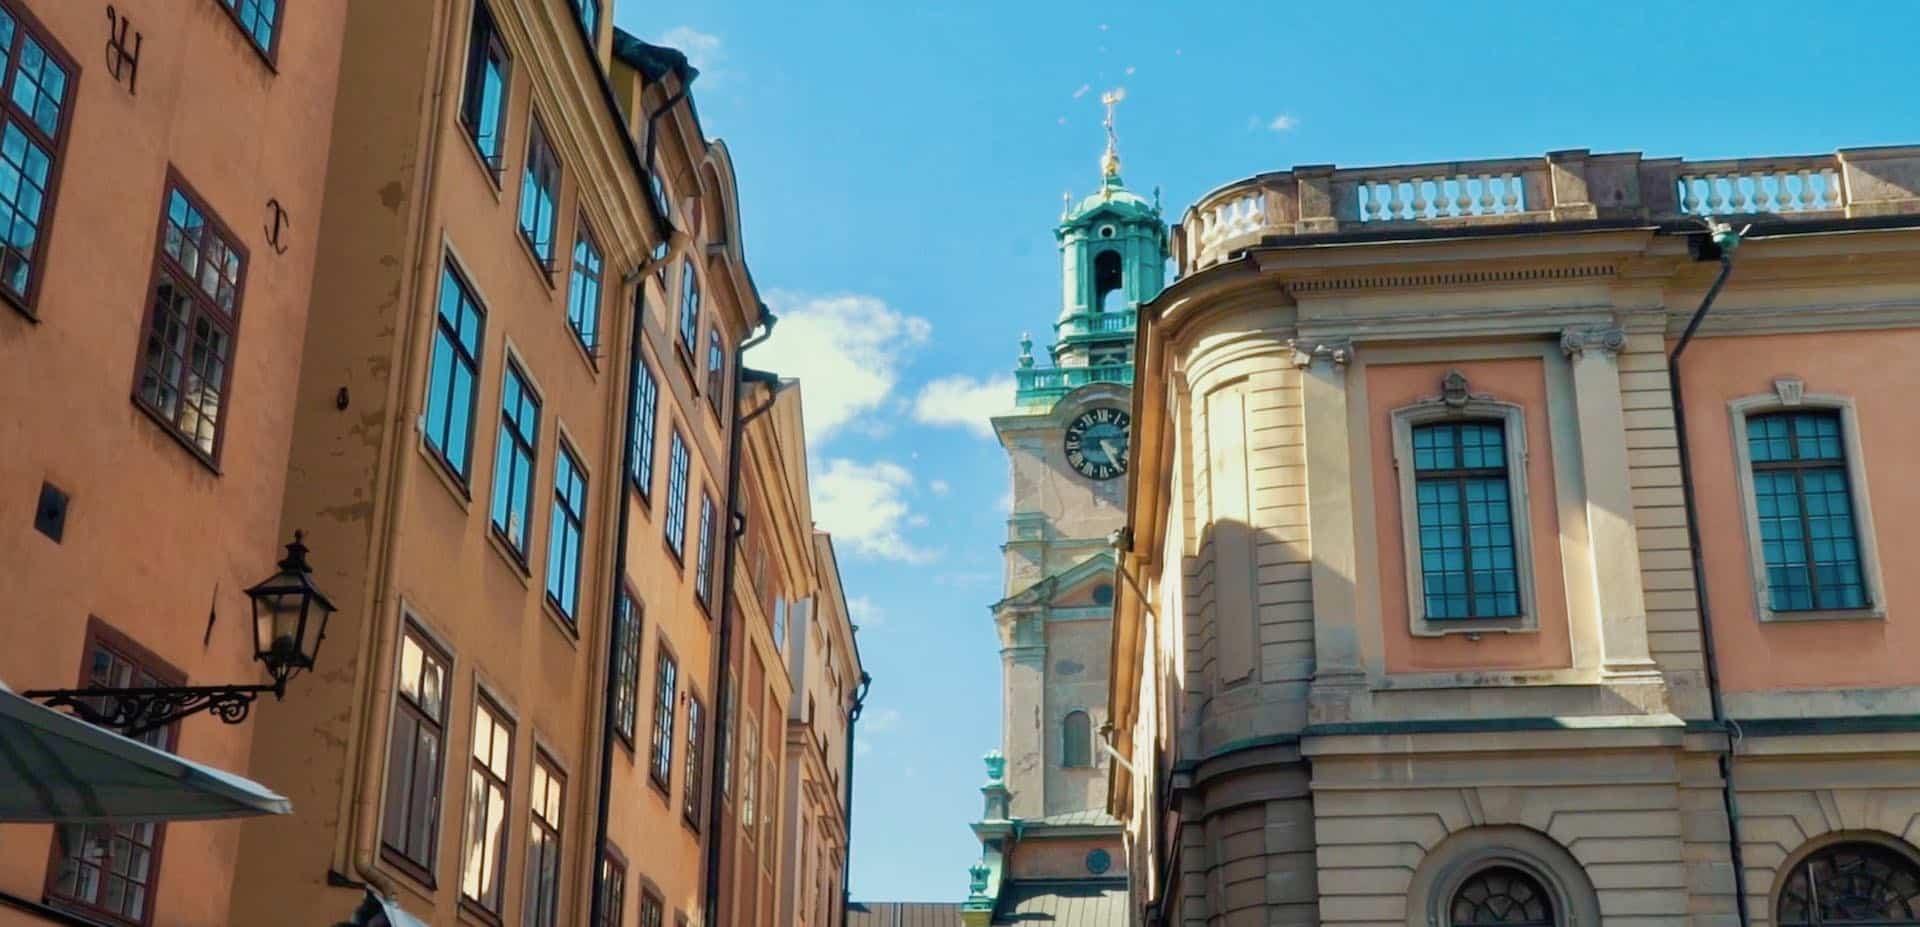 visiter Stockholm et la vieille ville